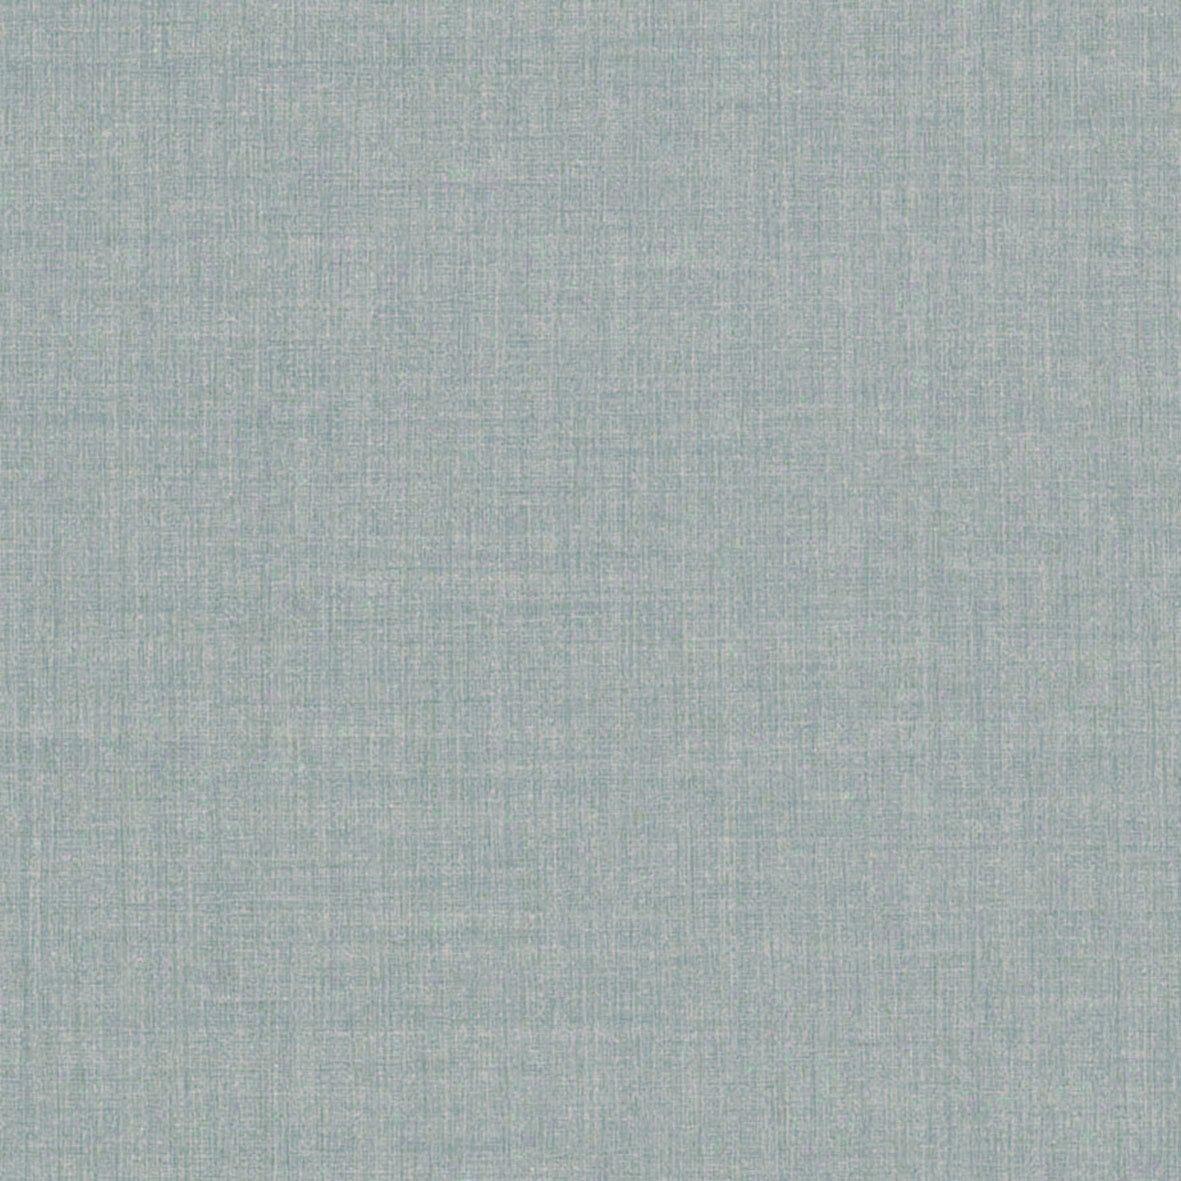 壁紙クロス 33m リリカラ ナチュラル 織物調 グレー LL-8543 B01N3W6U08 33m|グレー1